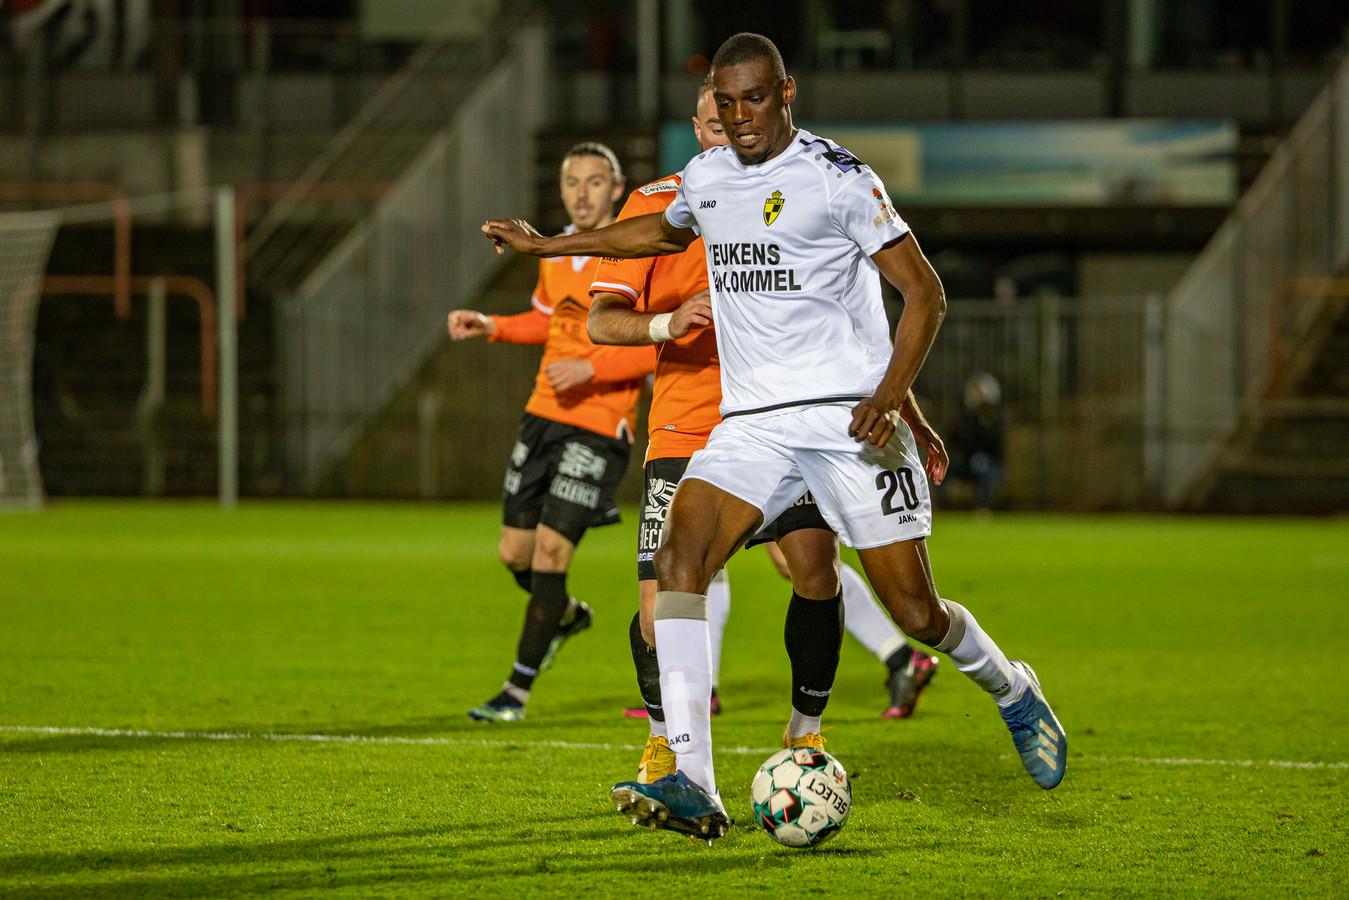 Scott Bitsindou werd opgeroepen voor de nationale ploeg van Congo-Brazzaville. Daardoor mist hij wel de start van de voorbereiding bij Lierse.